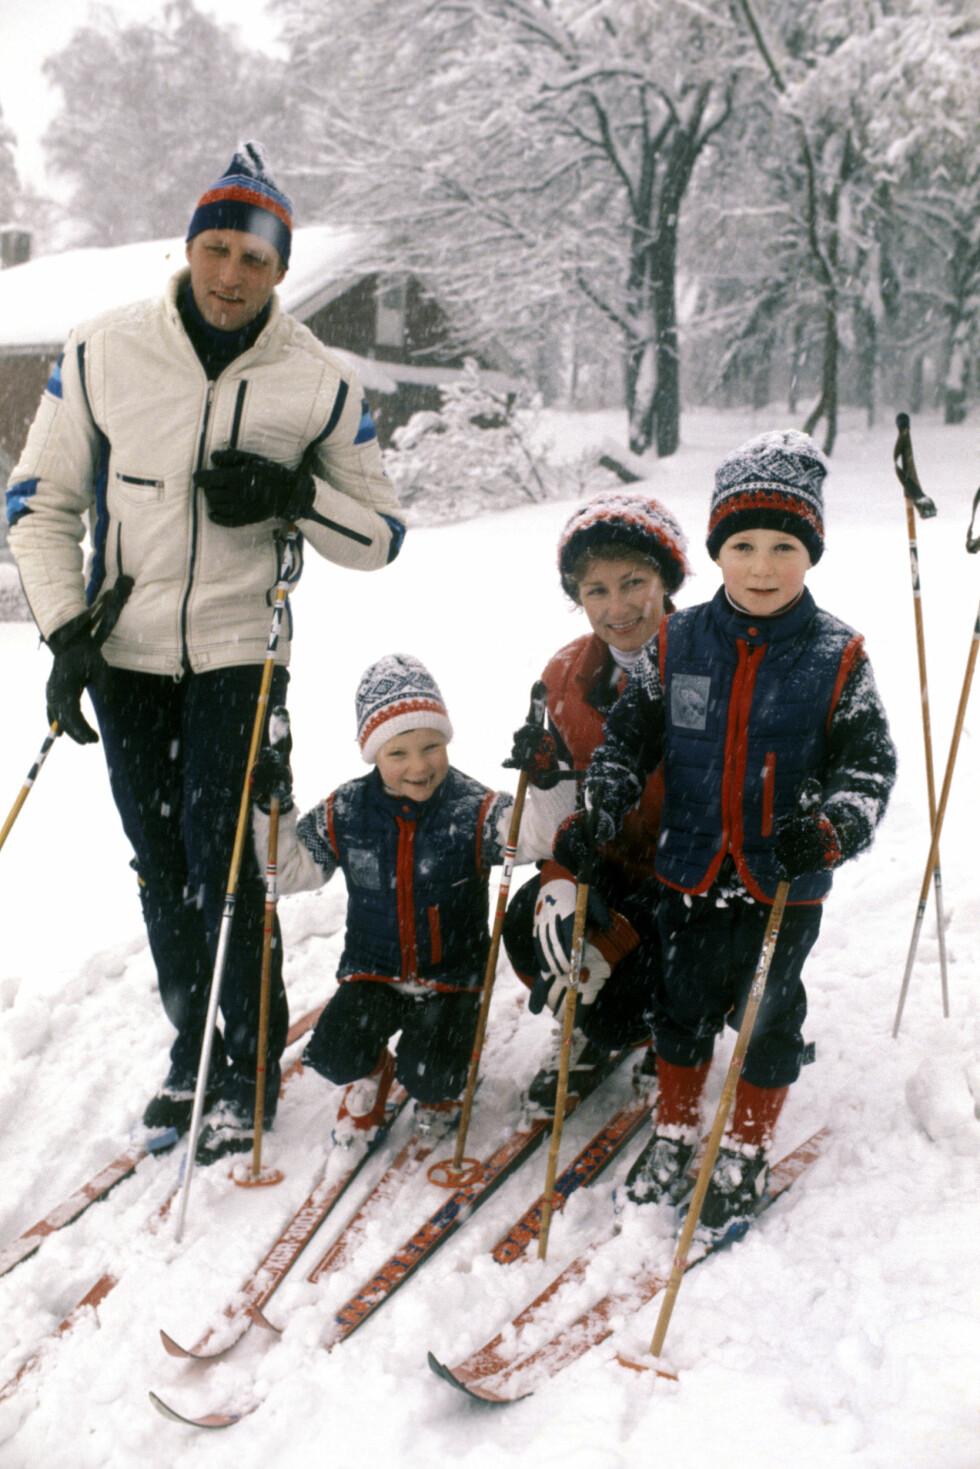 SPORTY GJENG: Dronning Sonja og kong Harald har alltid vært opptatt av å nyte naturen, og har tatt med barna på sportslige aktiviteter siden de var små. Dette bildet er tatt i 1978. Foto:  Foto: NTB Scanpix